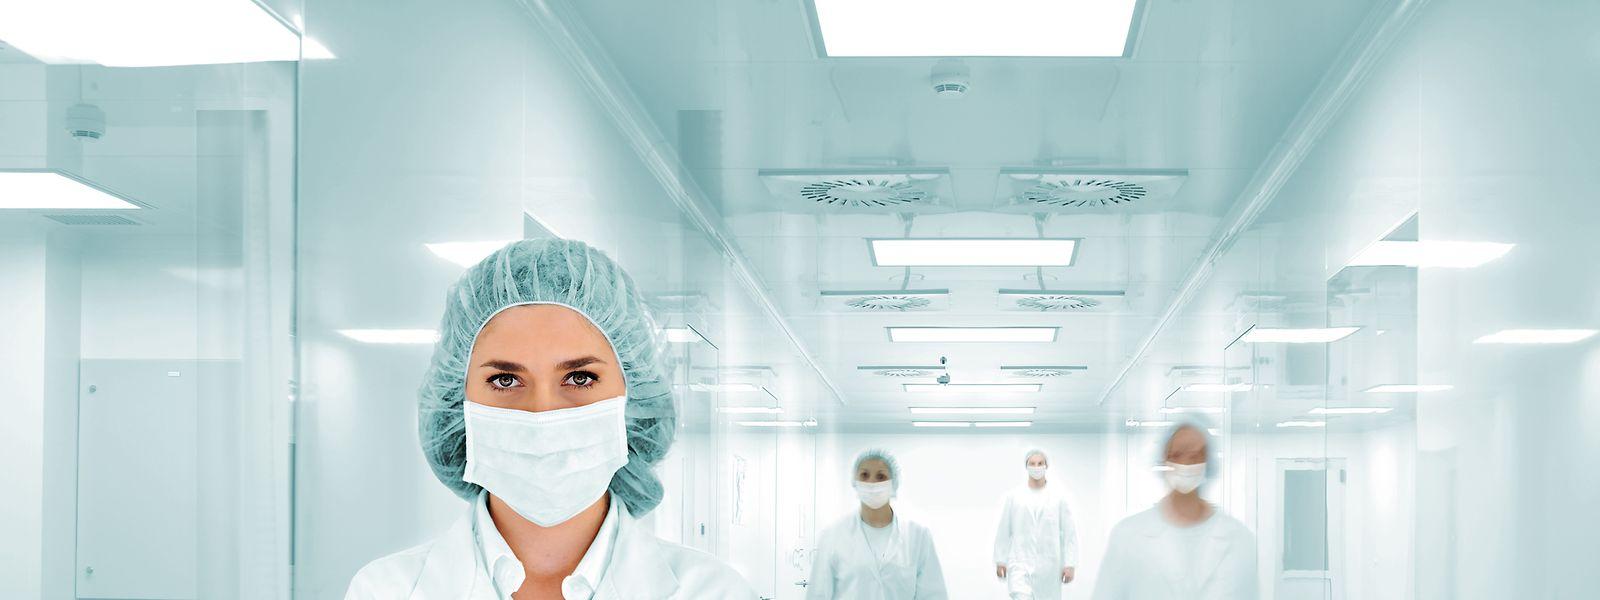 Mittelfristig wird Luxemburg nicht genügend Ärzte und Pflegepersonal haben. Das Land muss gegensteuern, zum Beispiel mit attraktiven Ausbildungen und attraktiven Arbeitsbedingungen.